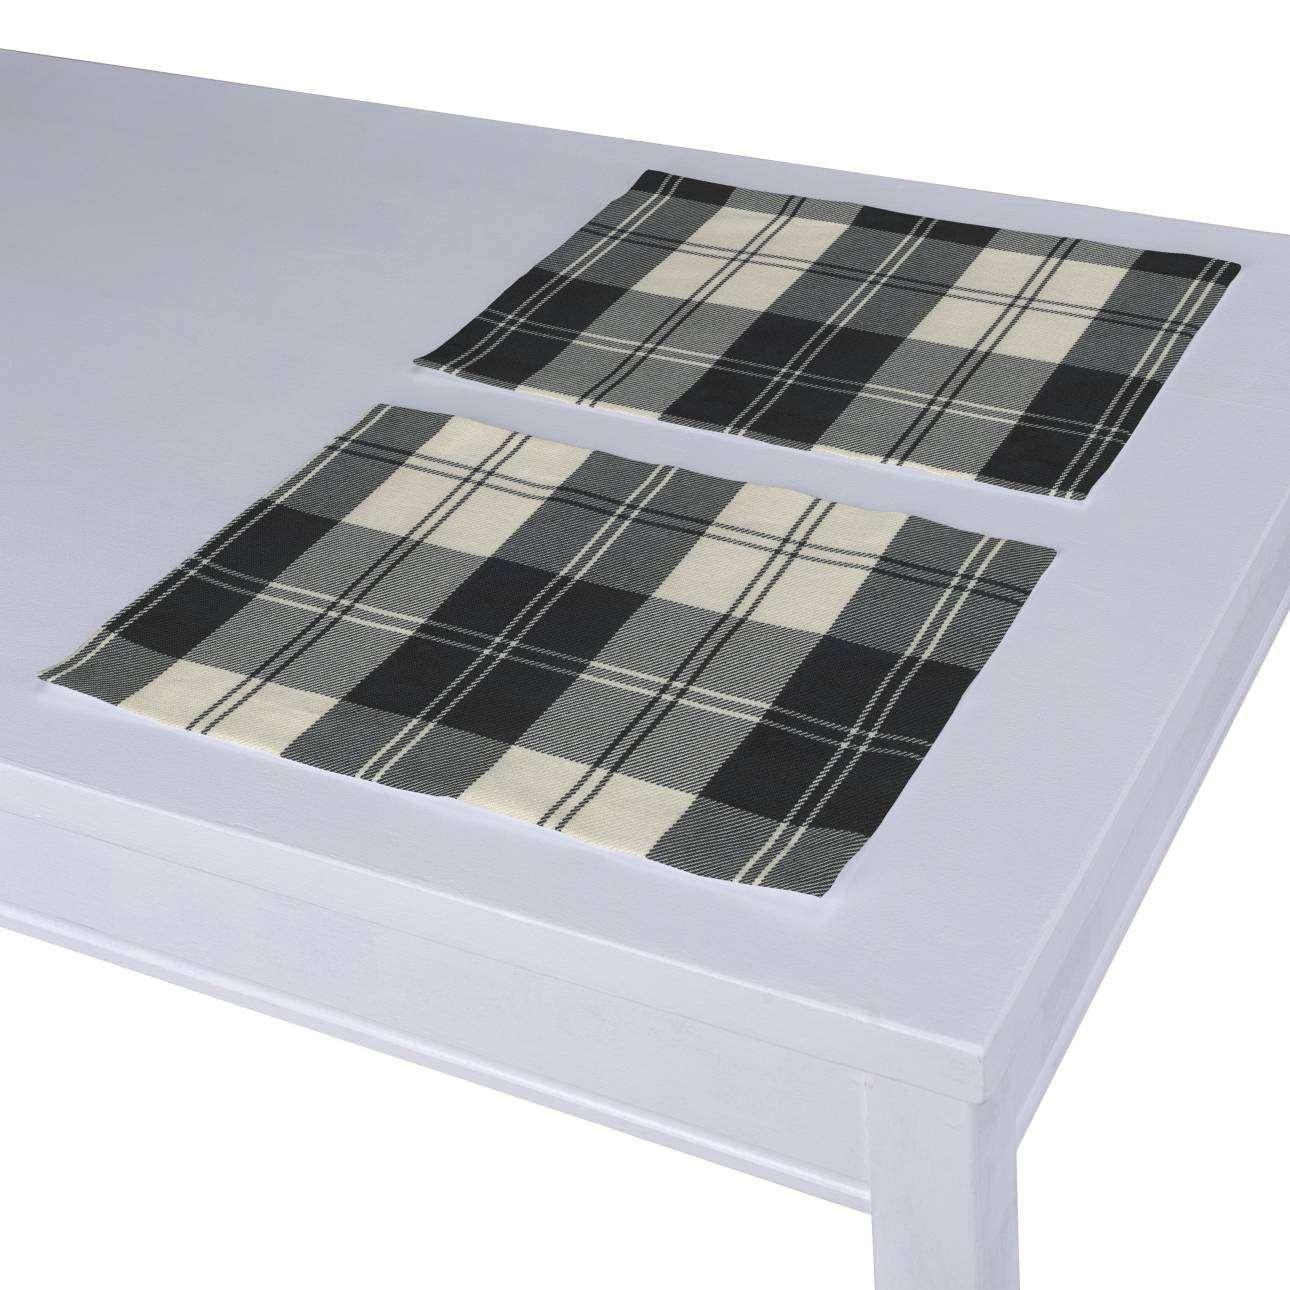 Podkładka 2 sztuki 30x40 cm w kolekcji Edinburgh, tkanina: 115-74